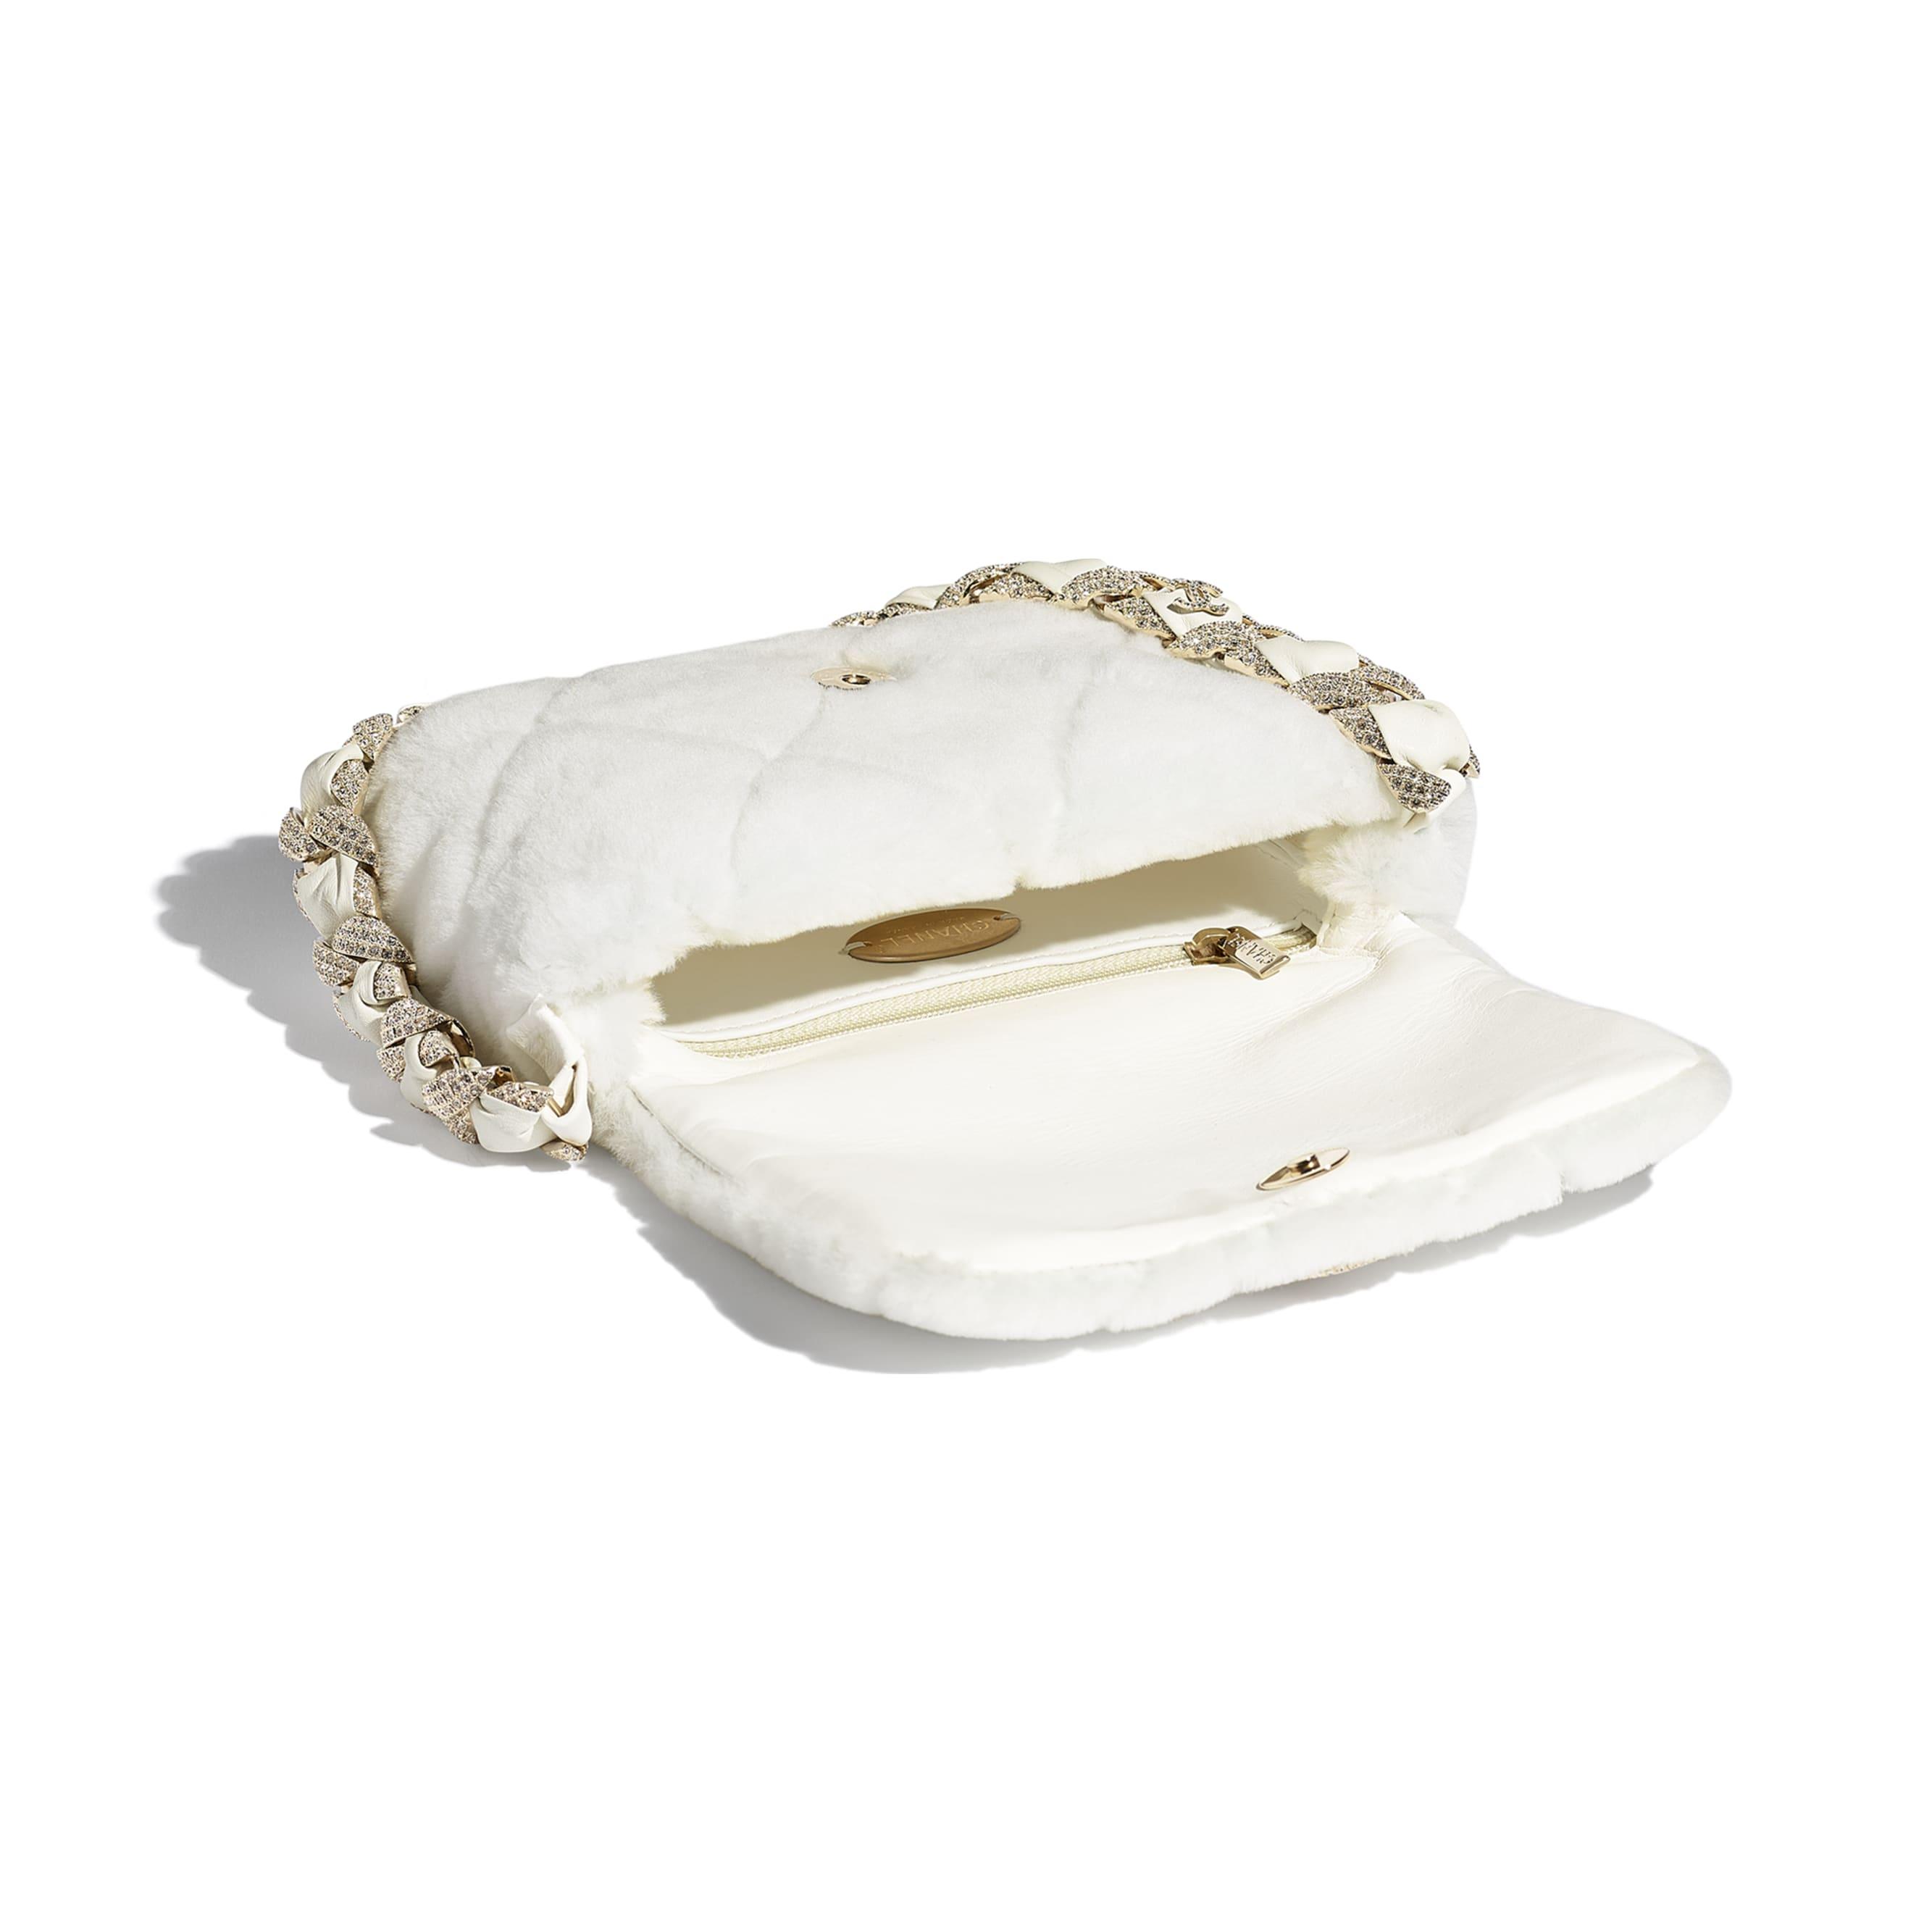 垂蓋手袋 - 白色 - 雙面剪羊毛、水晶及金色金屬 - CHANEL - 其他視圖 - 查看標準尺寸版本